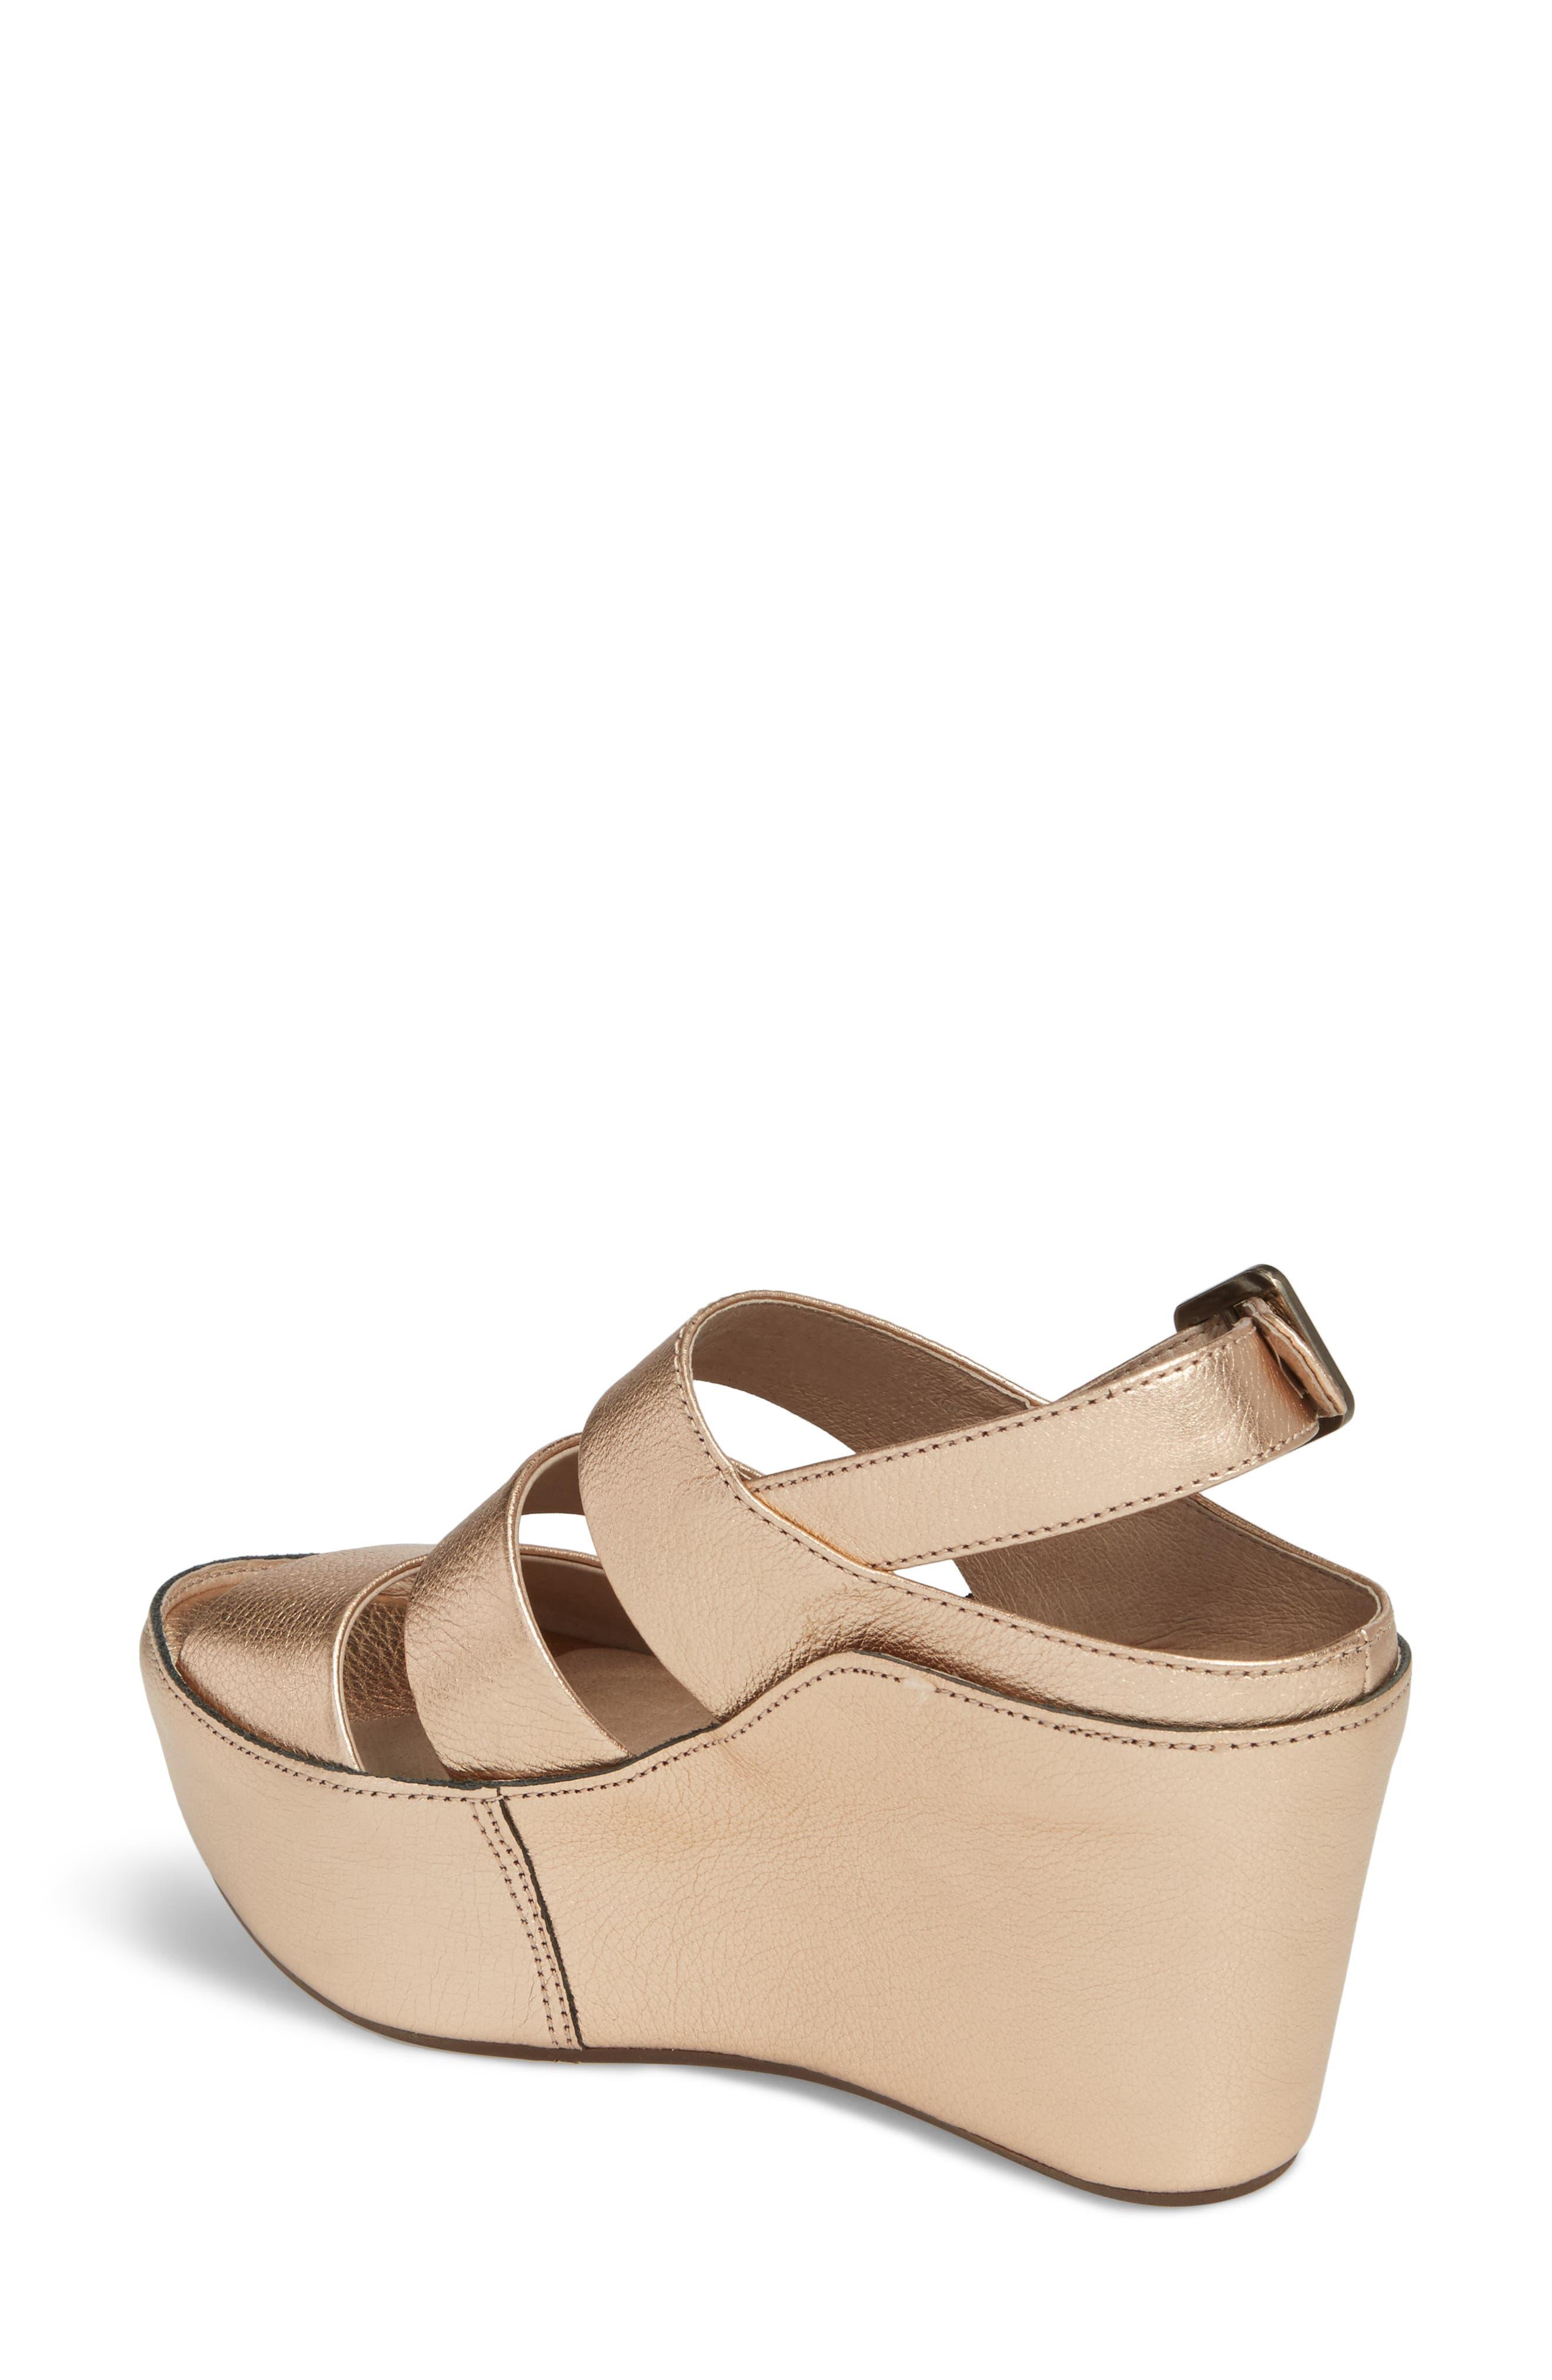 Windsor Platform Wedge Sandal,                             Alternate thumbnail 2, color,                             Rose Gold Leather